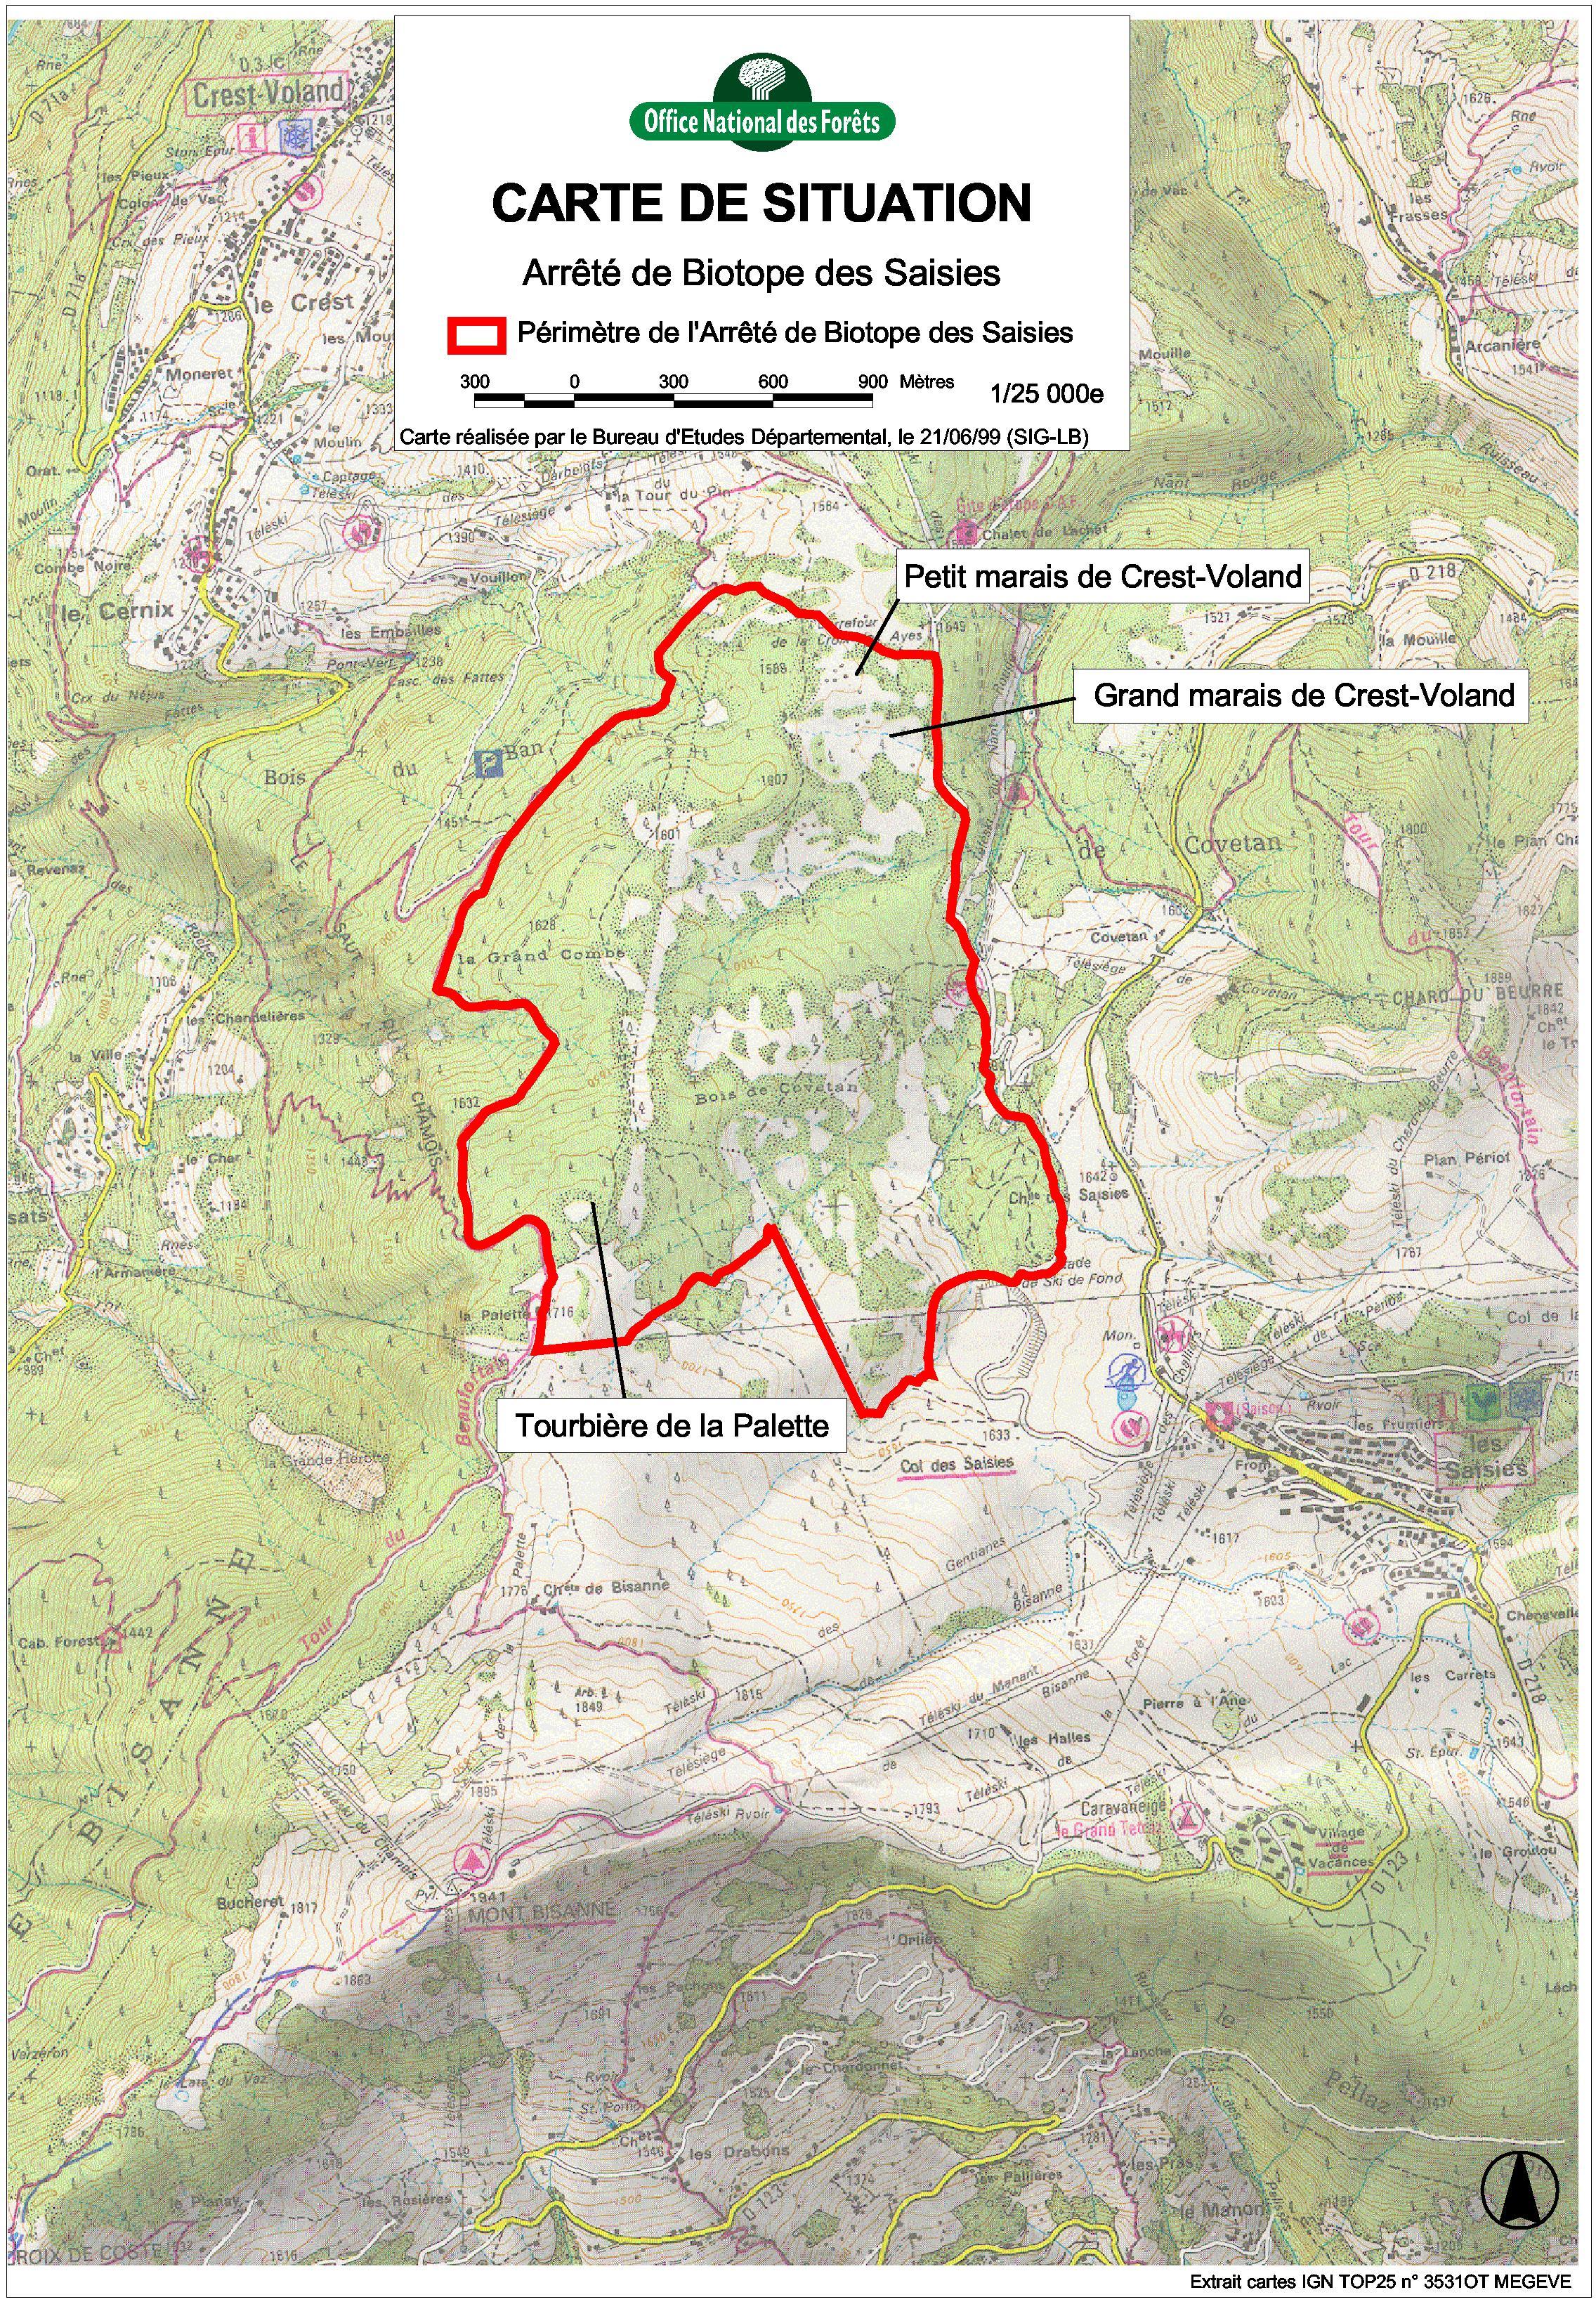 La tourbi re des saisies savoie mont blanc savoie et haute savoie alpes - Office de tourisme les saisies ...